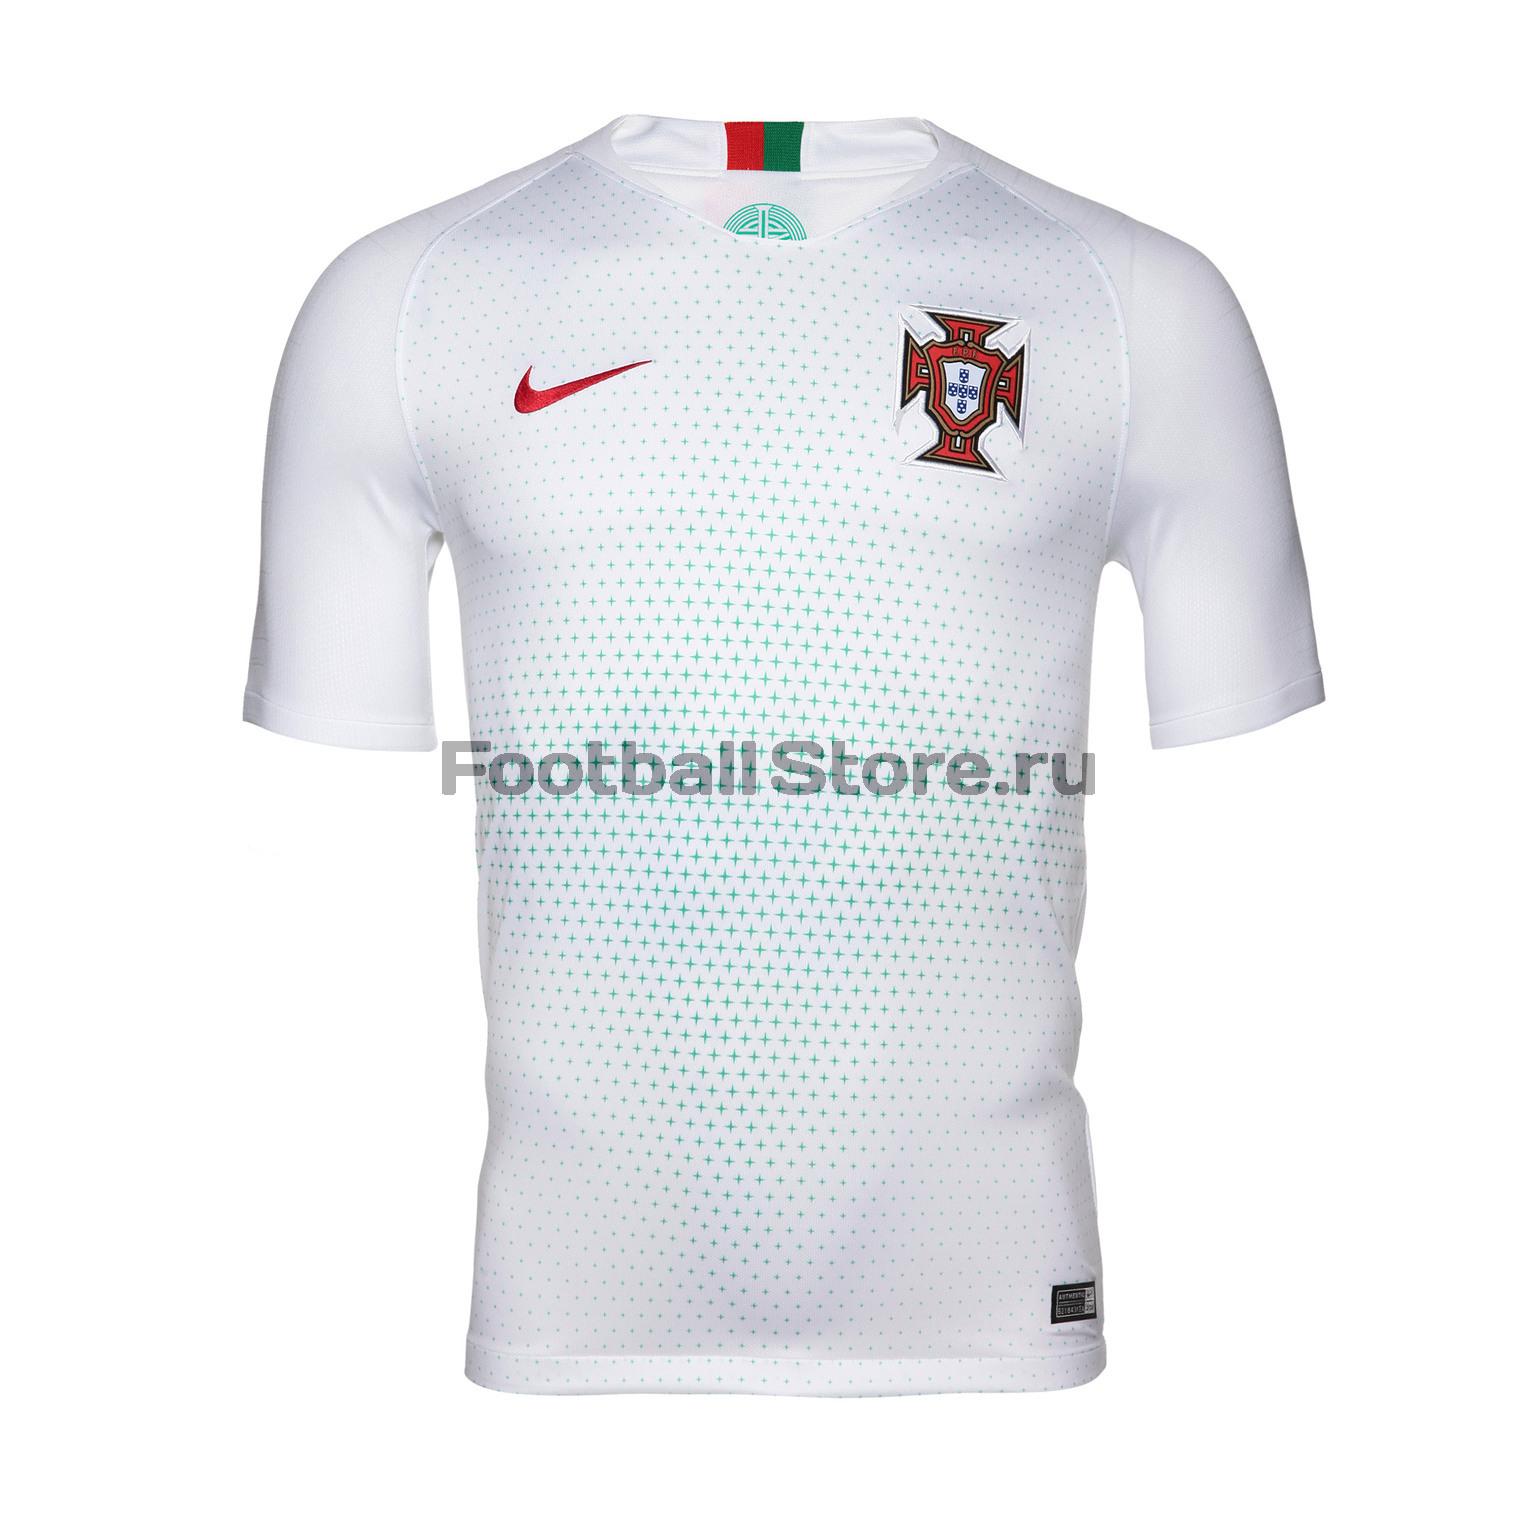 Футболка гостевая Nike сборной Португалии 893876-100 гостевая книга xbase